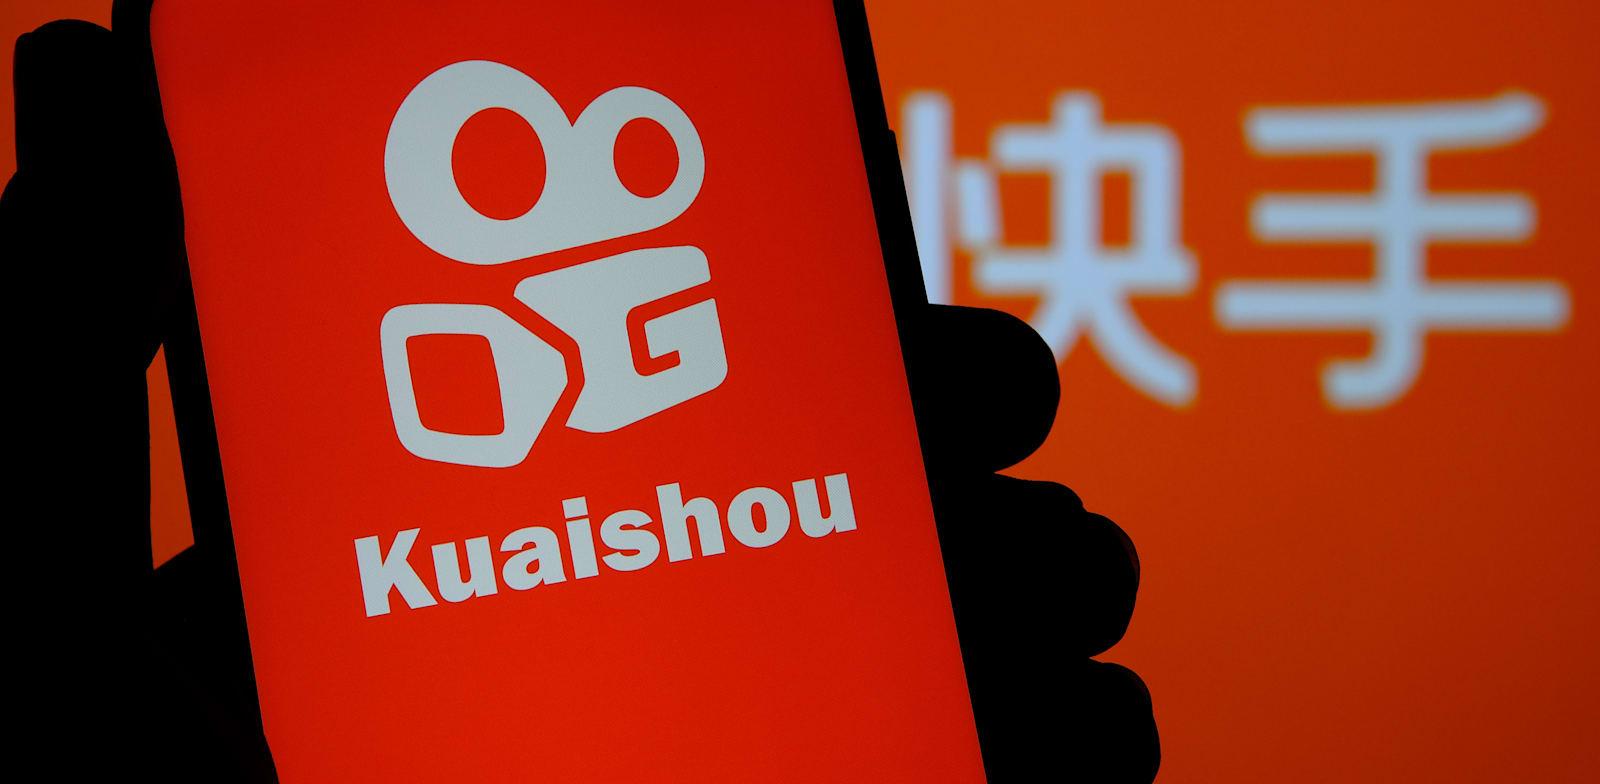 לפי הגיוס, שווי החברה יעמוד על 6.1 מיליארד דולר / צילום: Shutterstock, mundissima